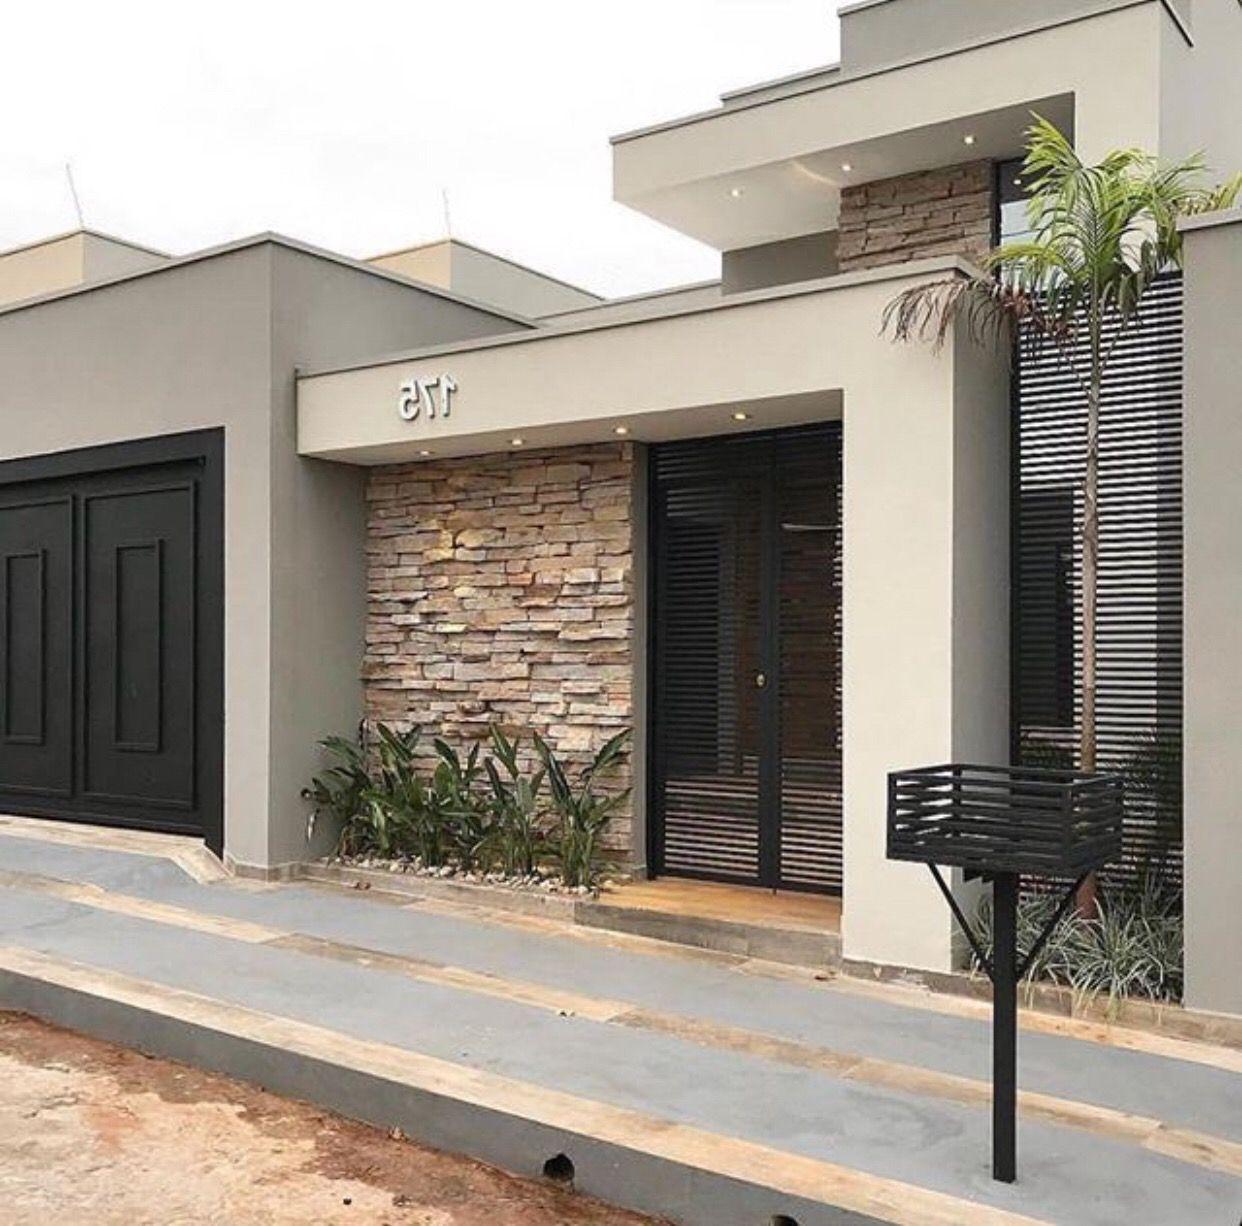 Fachadas D Casas Minimalista Fachadas Casas Minimalistas Casas Fachadas De Casas Modernas